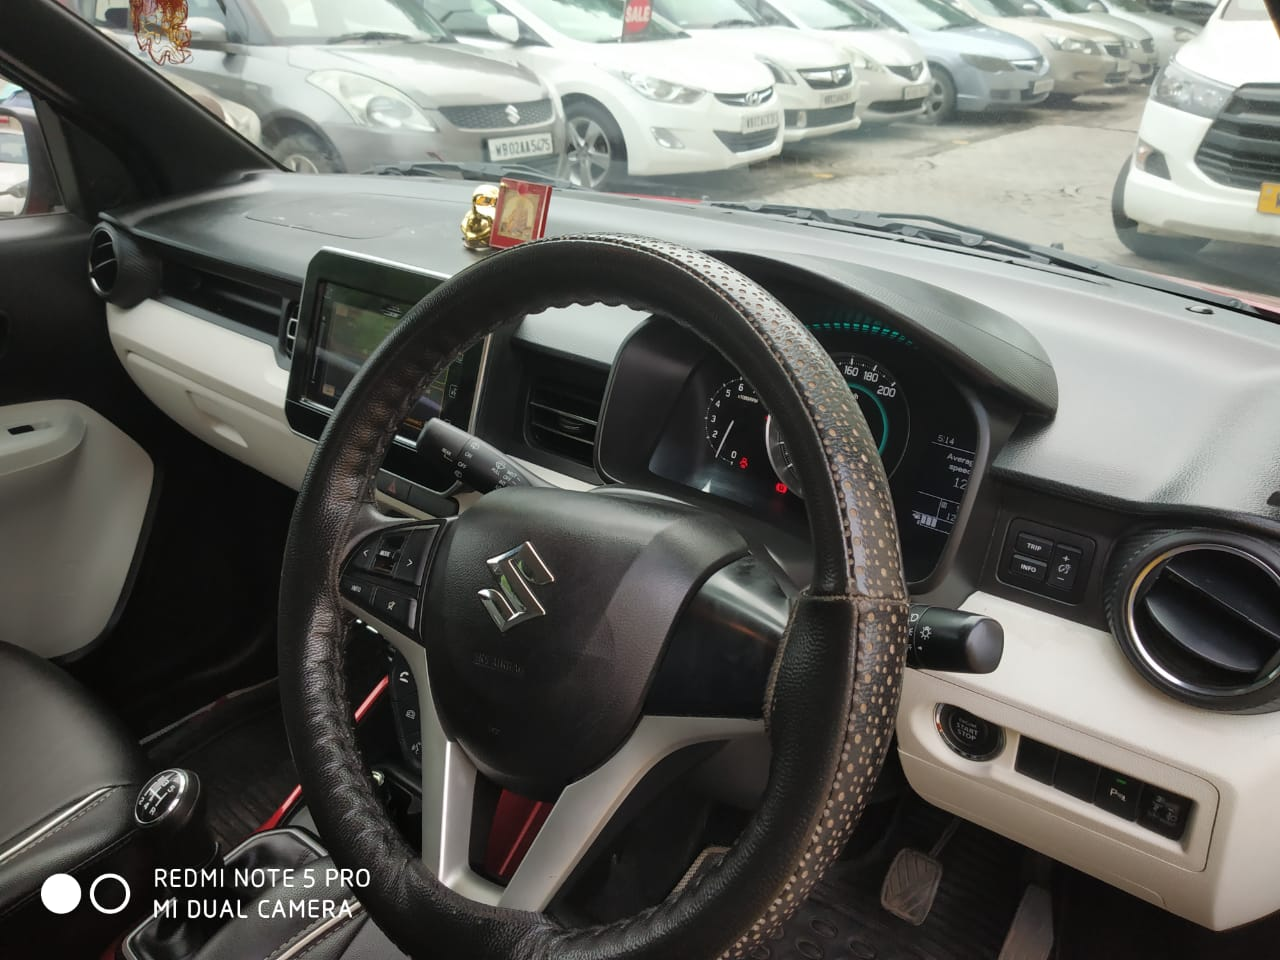 2017 Used Maruti Suzuki Ignis ALPHA 1.2 MT